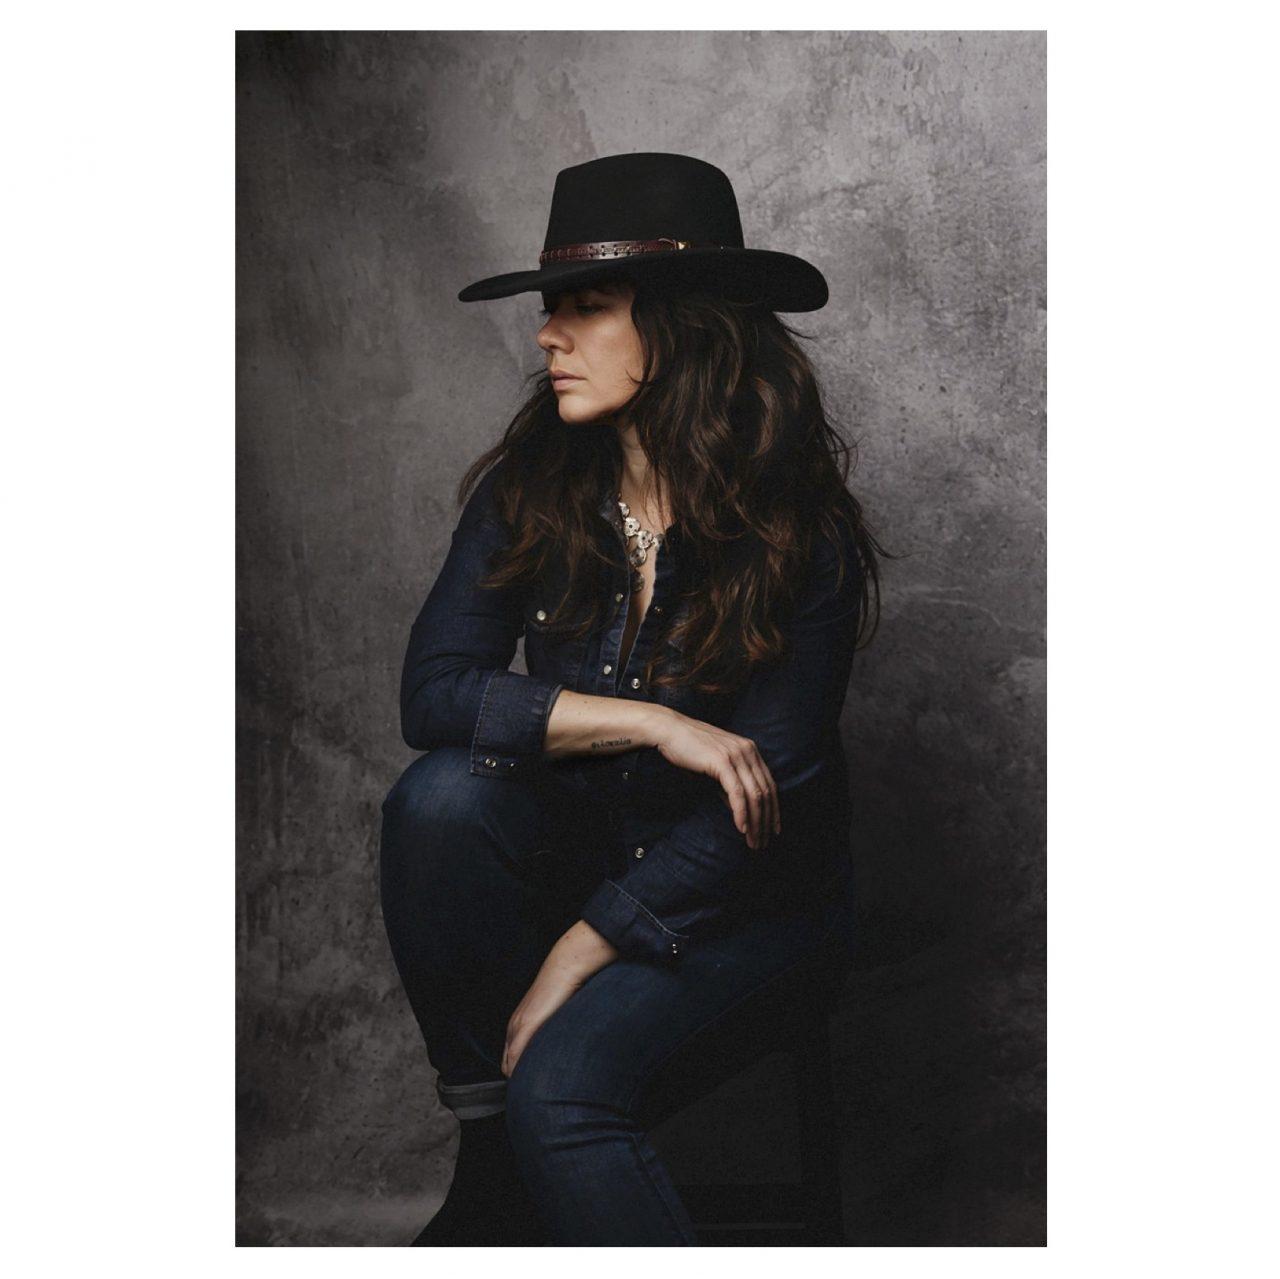 autoportrait, photographe, Paris, Montmartre, studio photo, séance photo, création